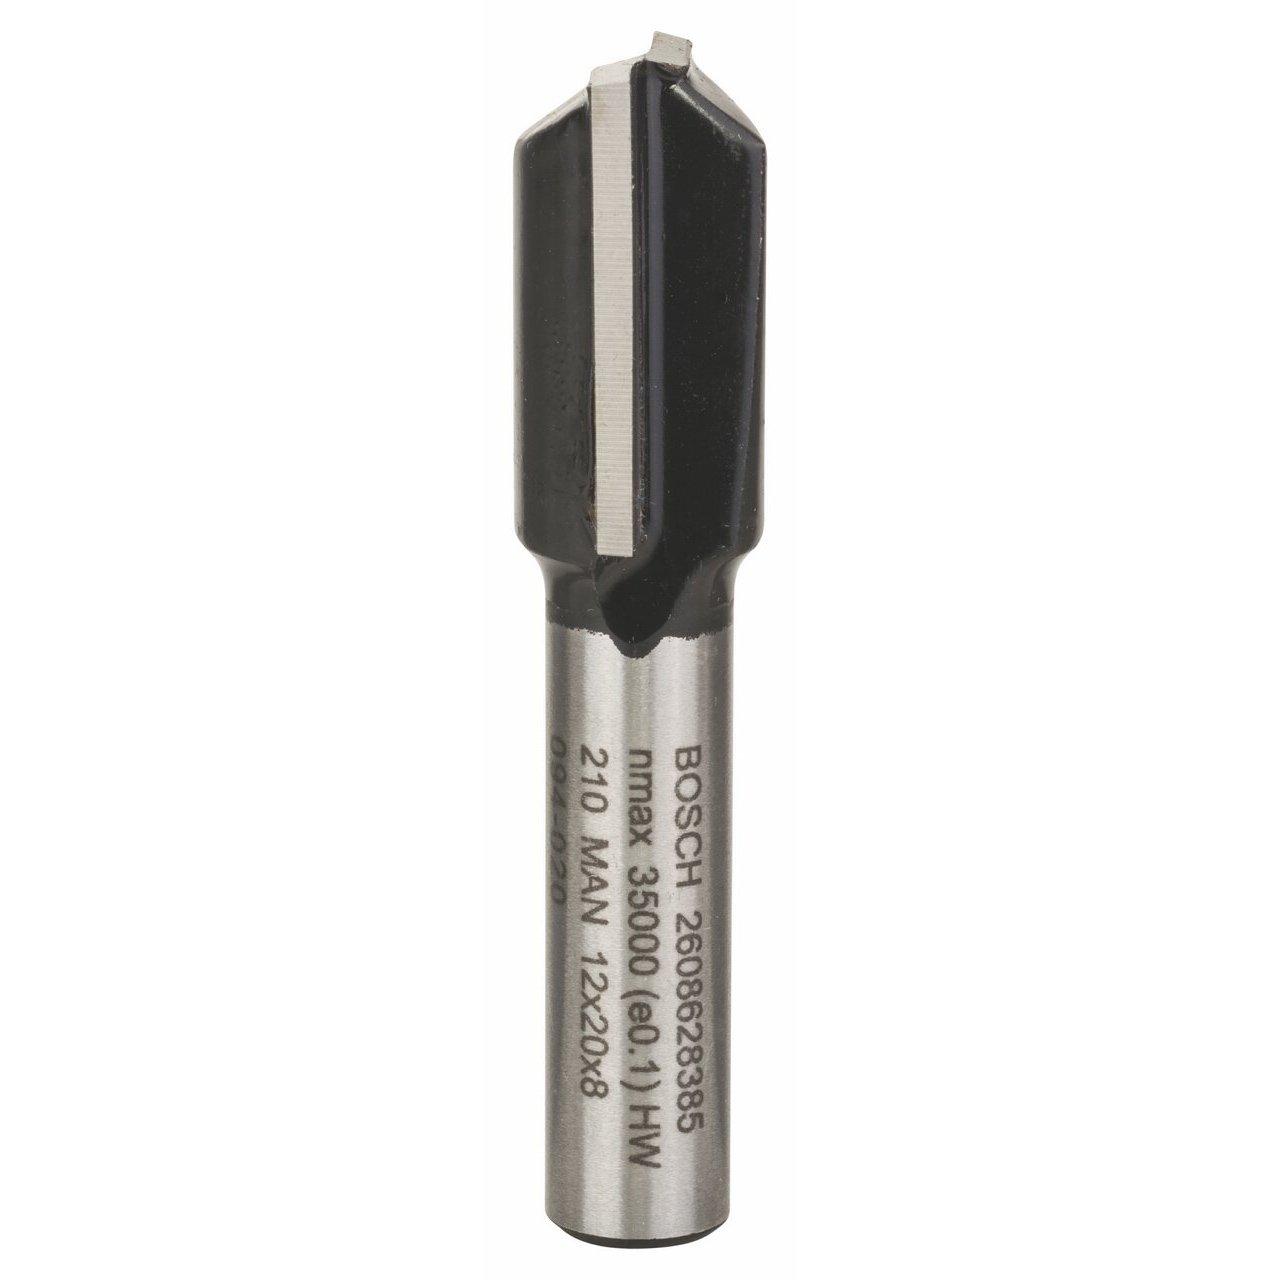 Bosch 2 608 628 385 - Fresas de ranurar - 8 mm, D1 12 mm, L 20 mm, G 51 mm (pack de 1) 2608628385